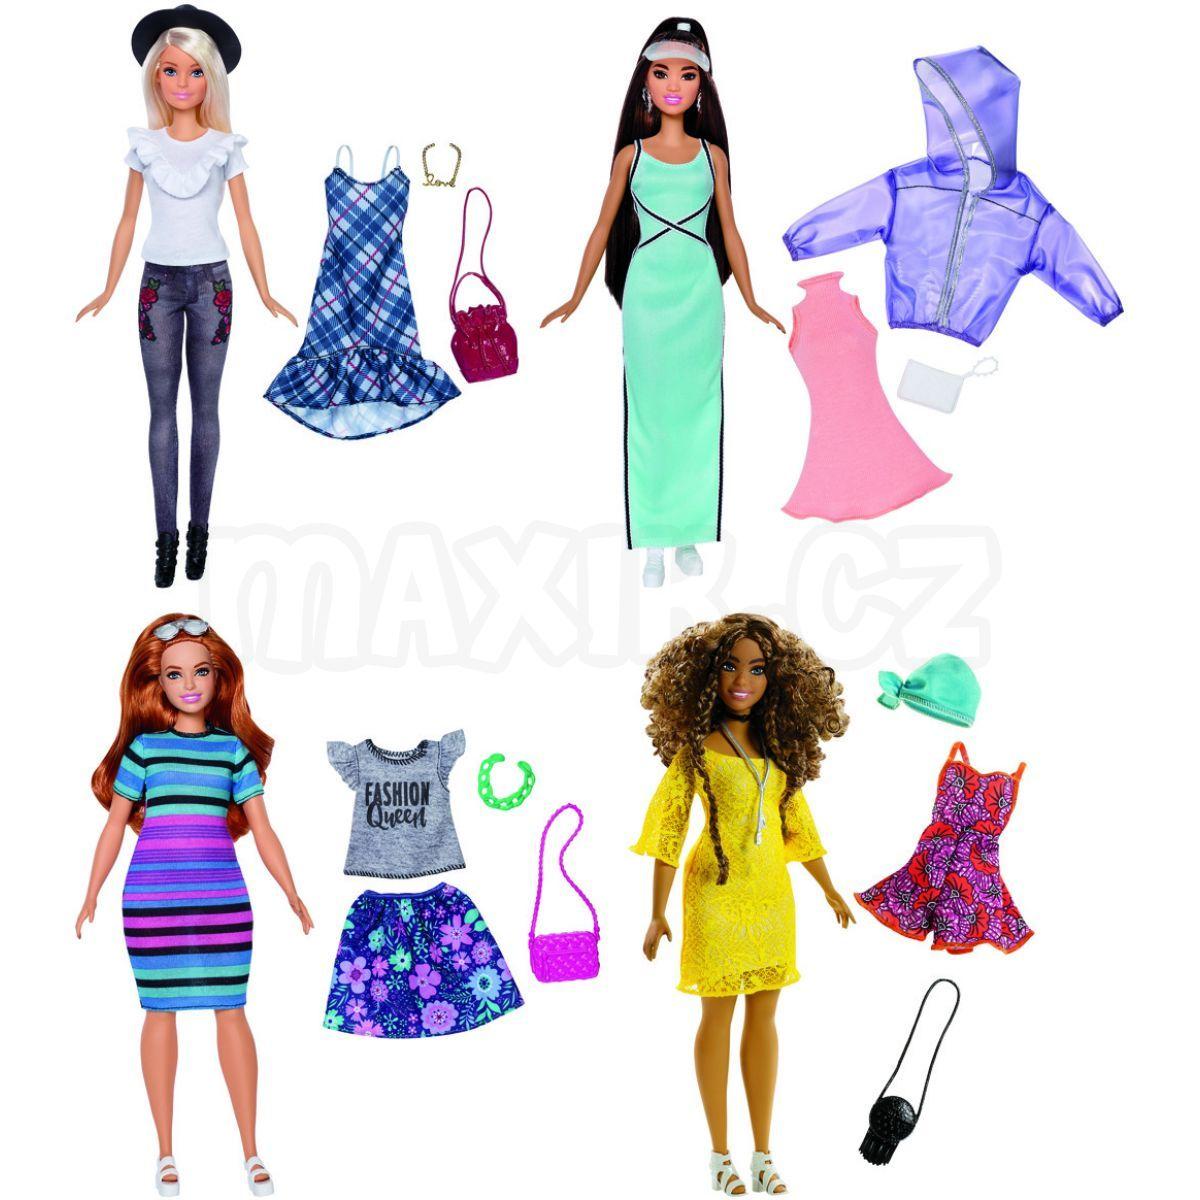 Mattel Barbie modelka s doplňky a oblečky 86  ffaff92f89